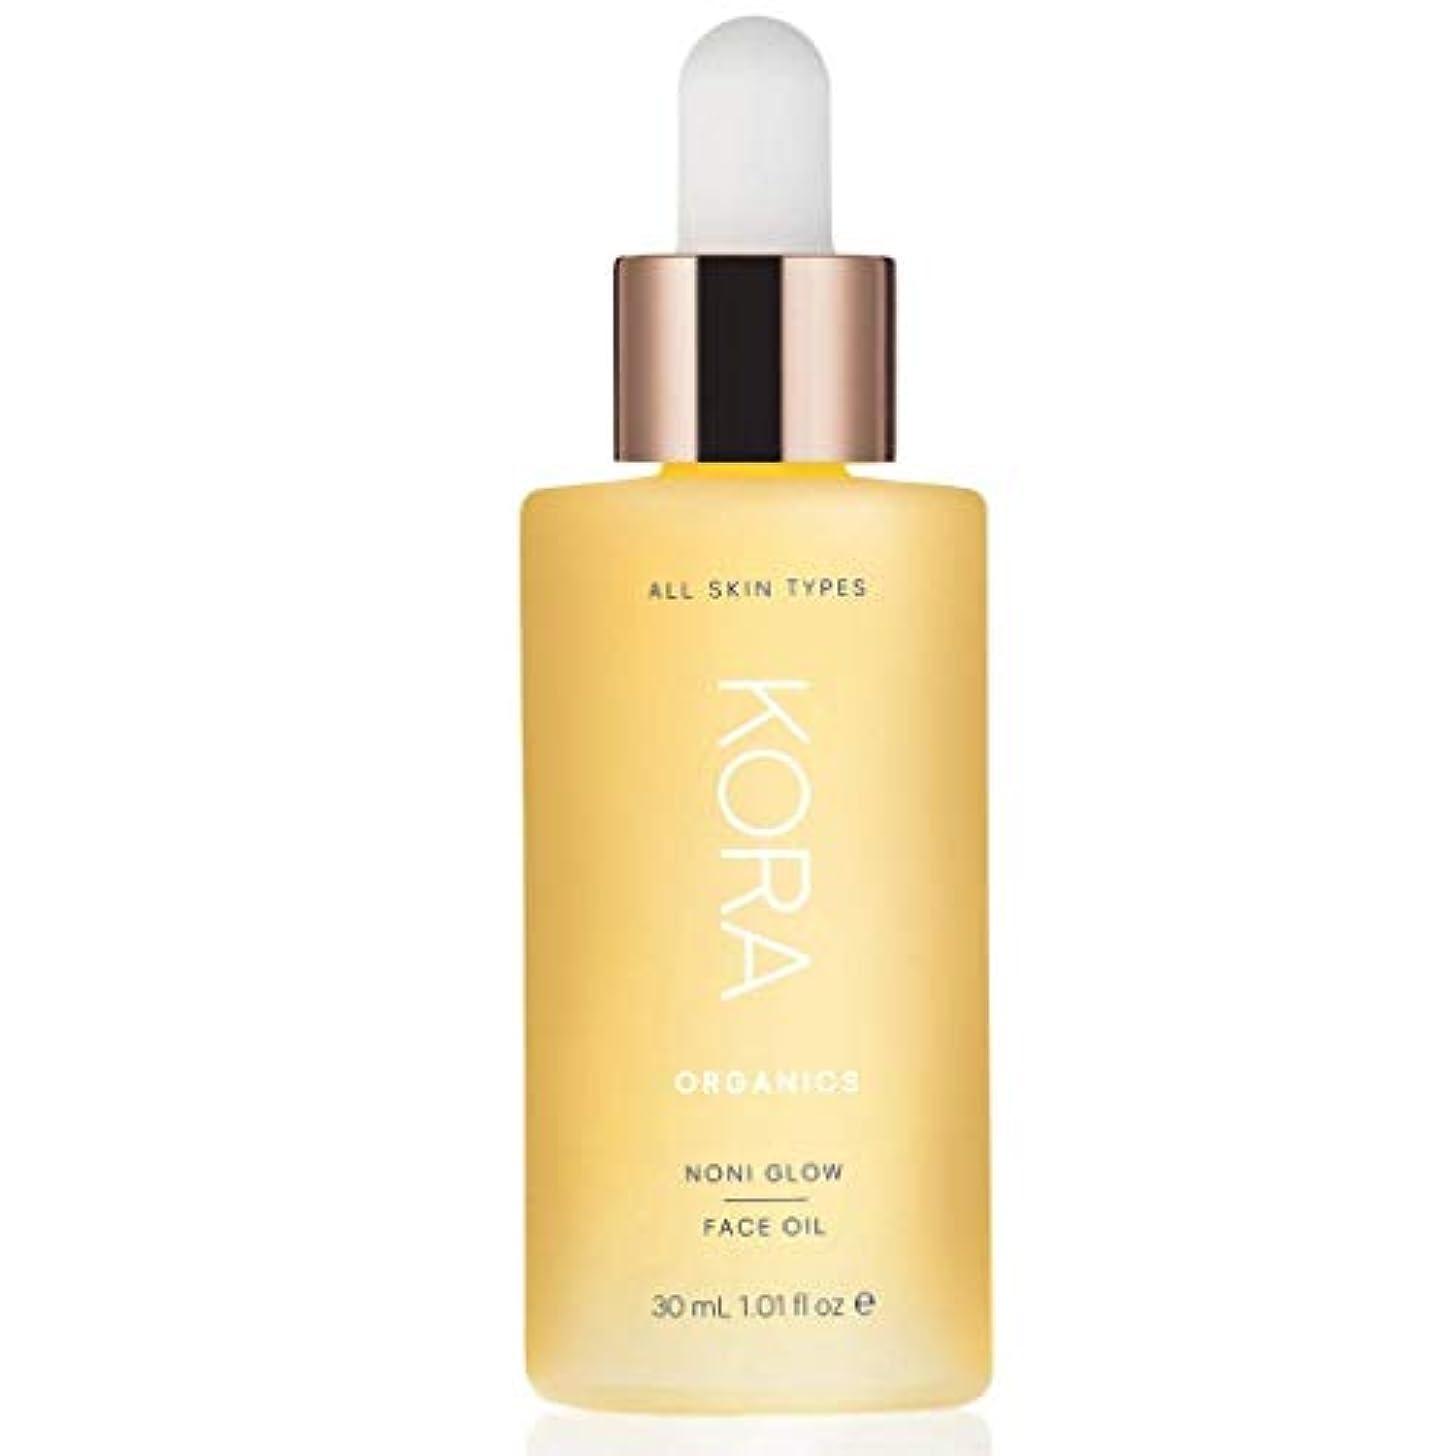 クリック探す白雪姫[Kora Organics]ノニ グロー フェイスオイル(フェイスマスク?保湿オイル)[Noni Glow Face Oil][海外直送品] (30ml)